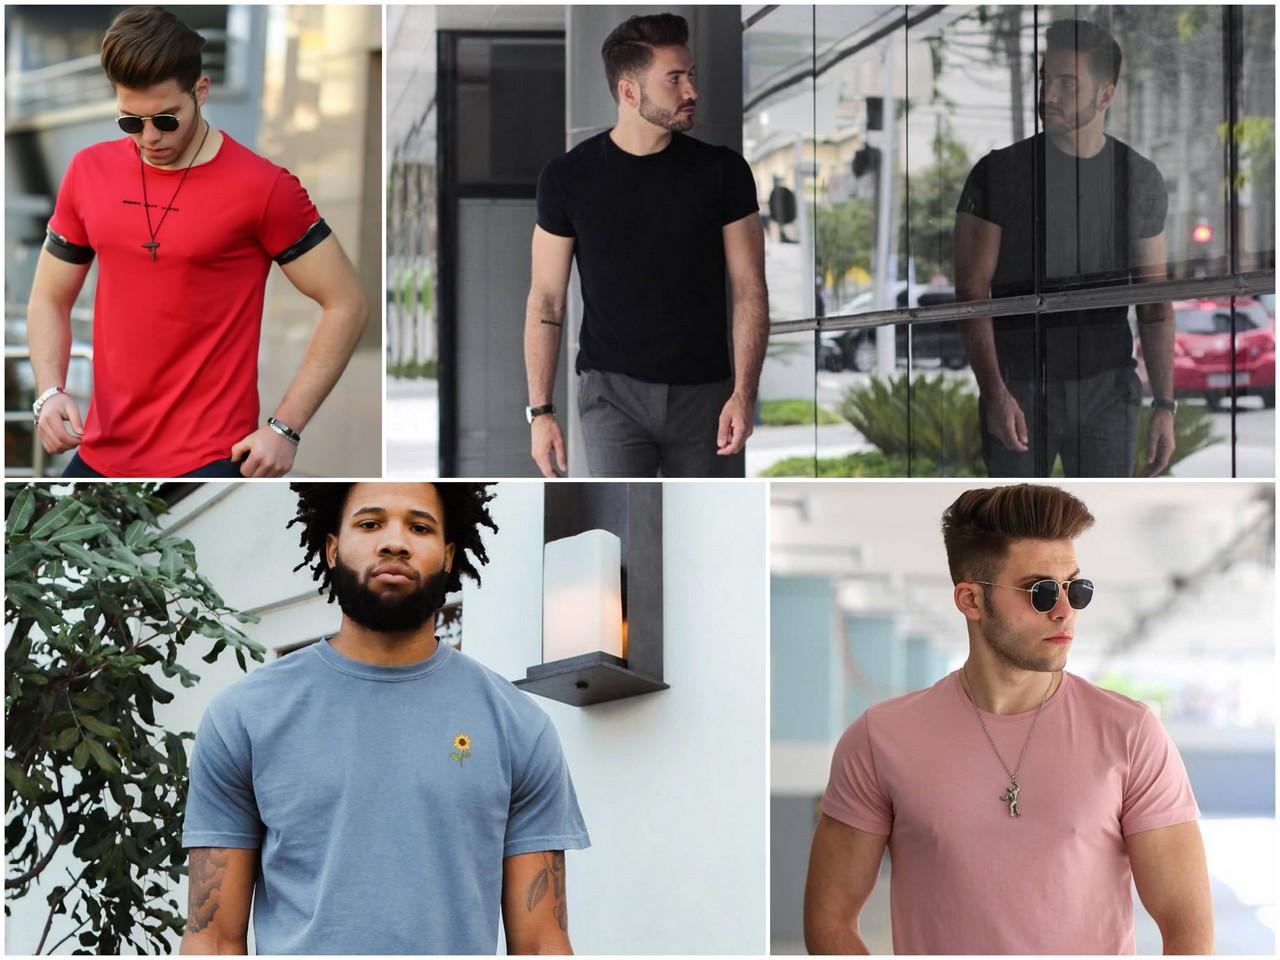 Материал и фасон футболки для мужчины